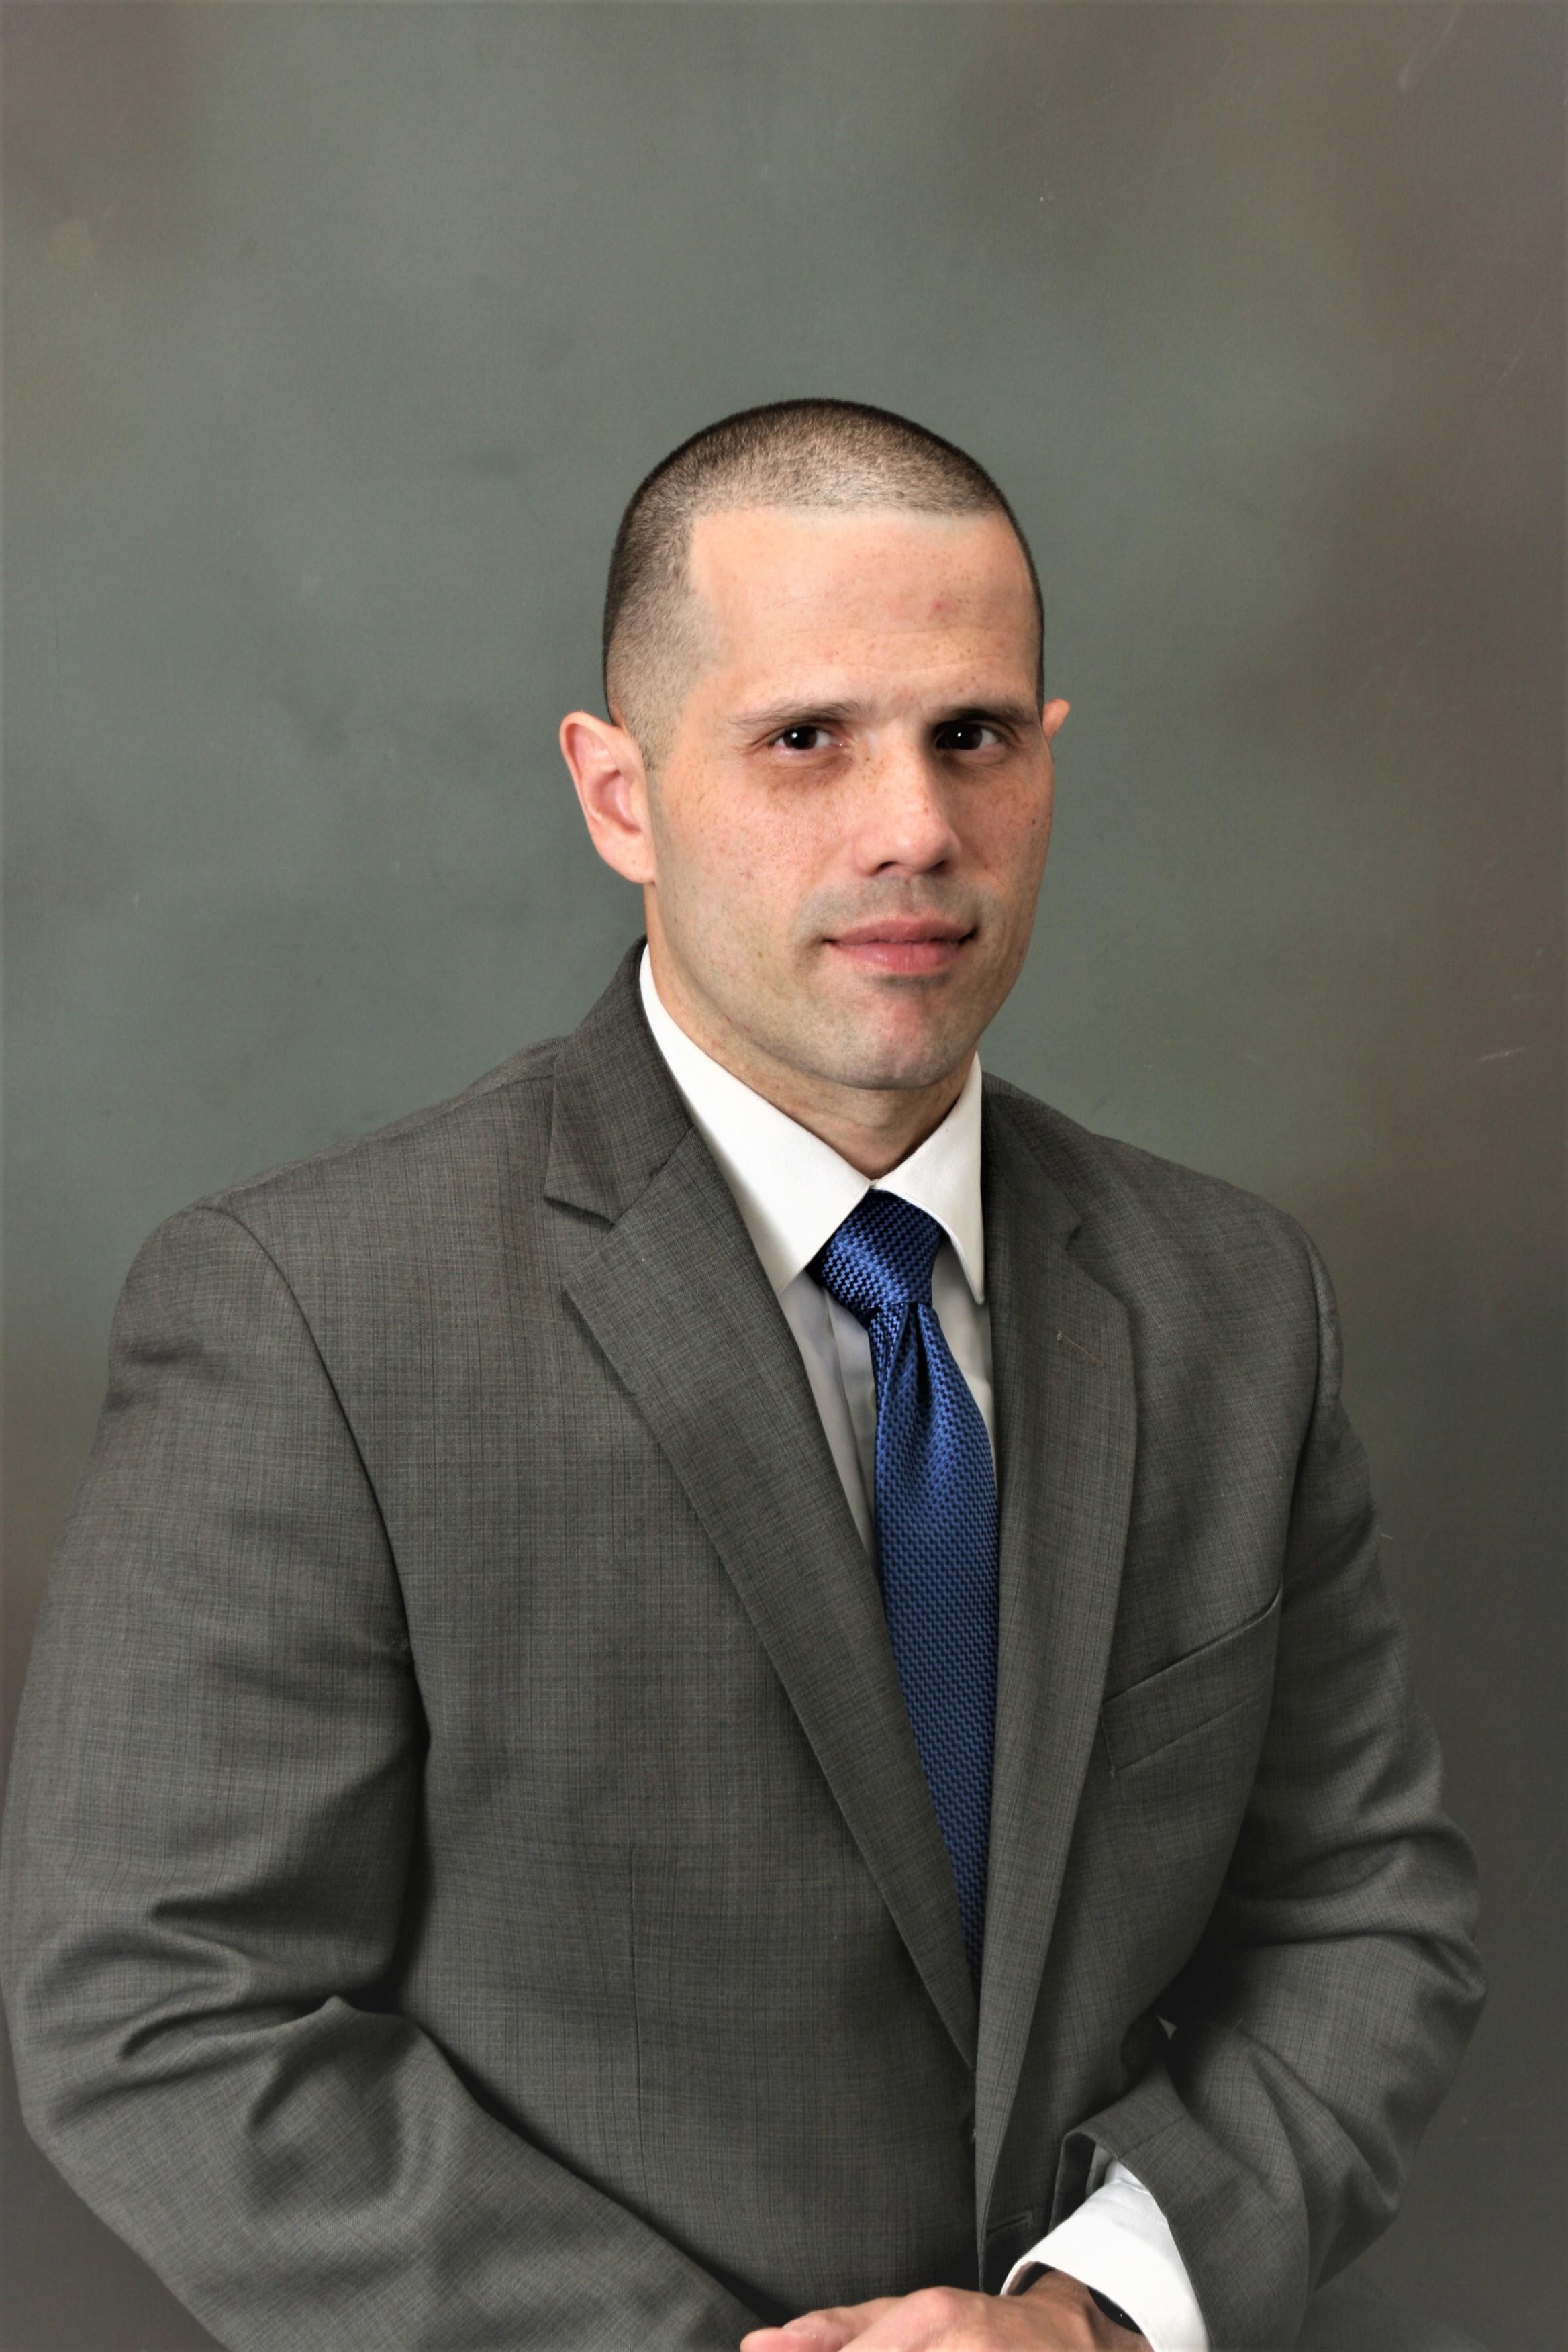 Anthony undefined Rodriguez